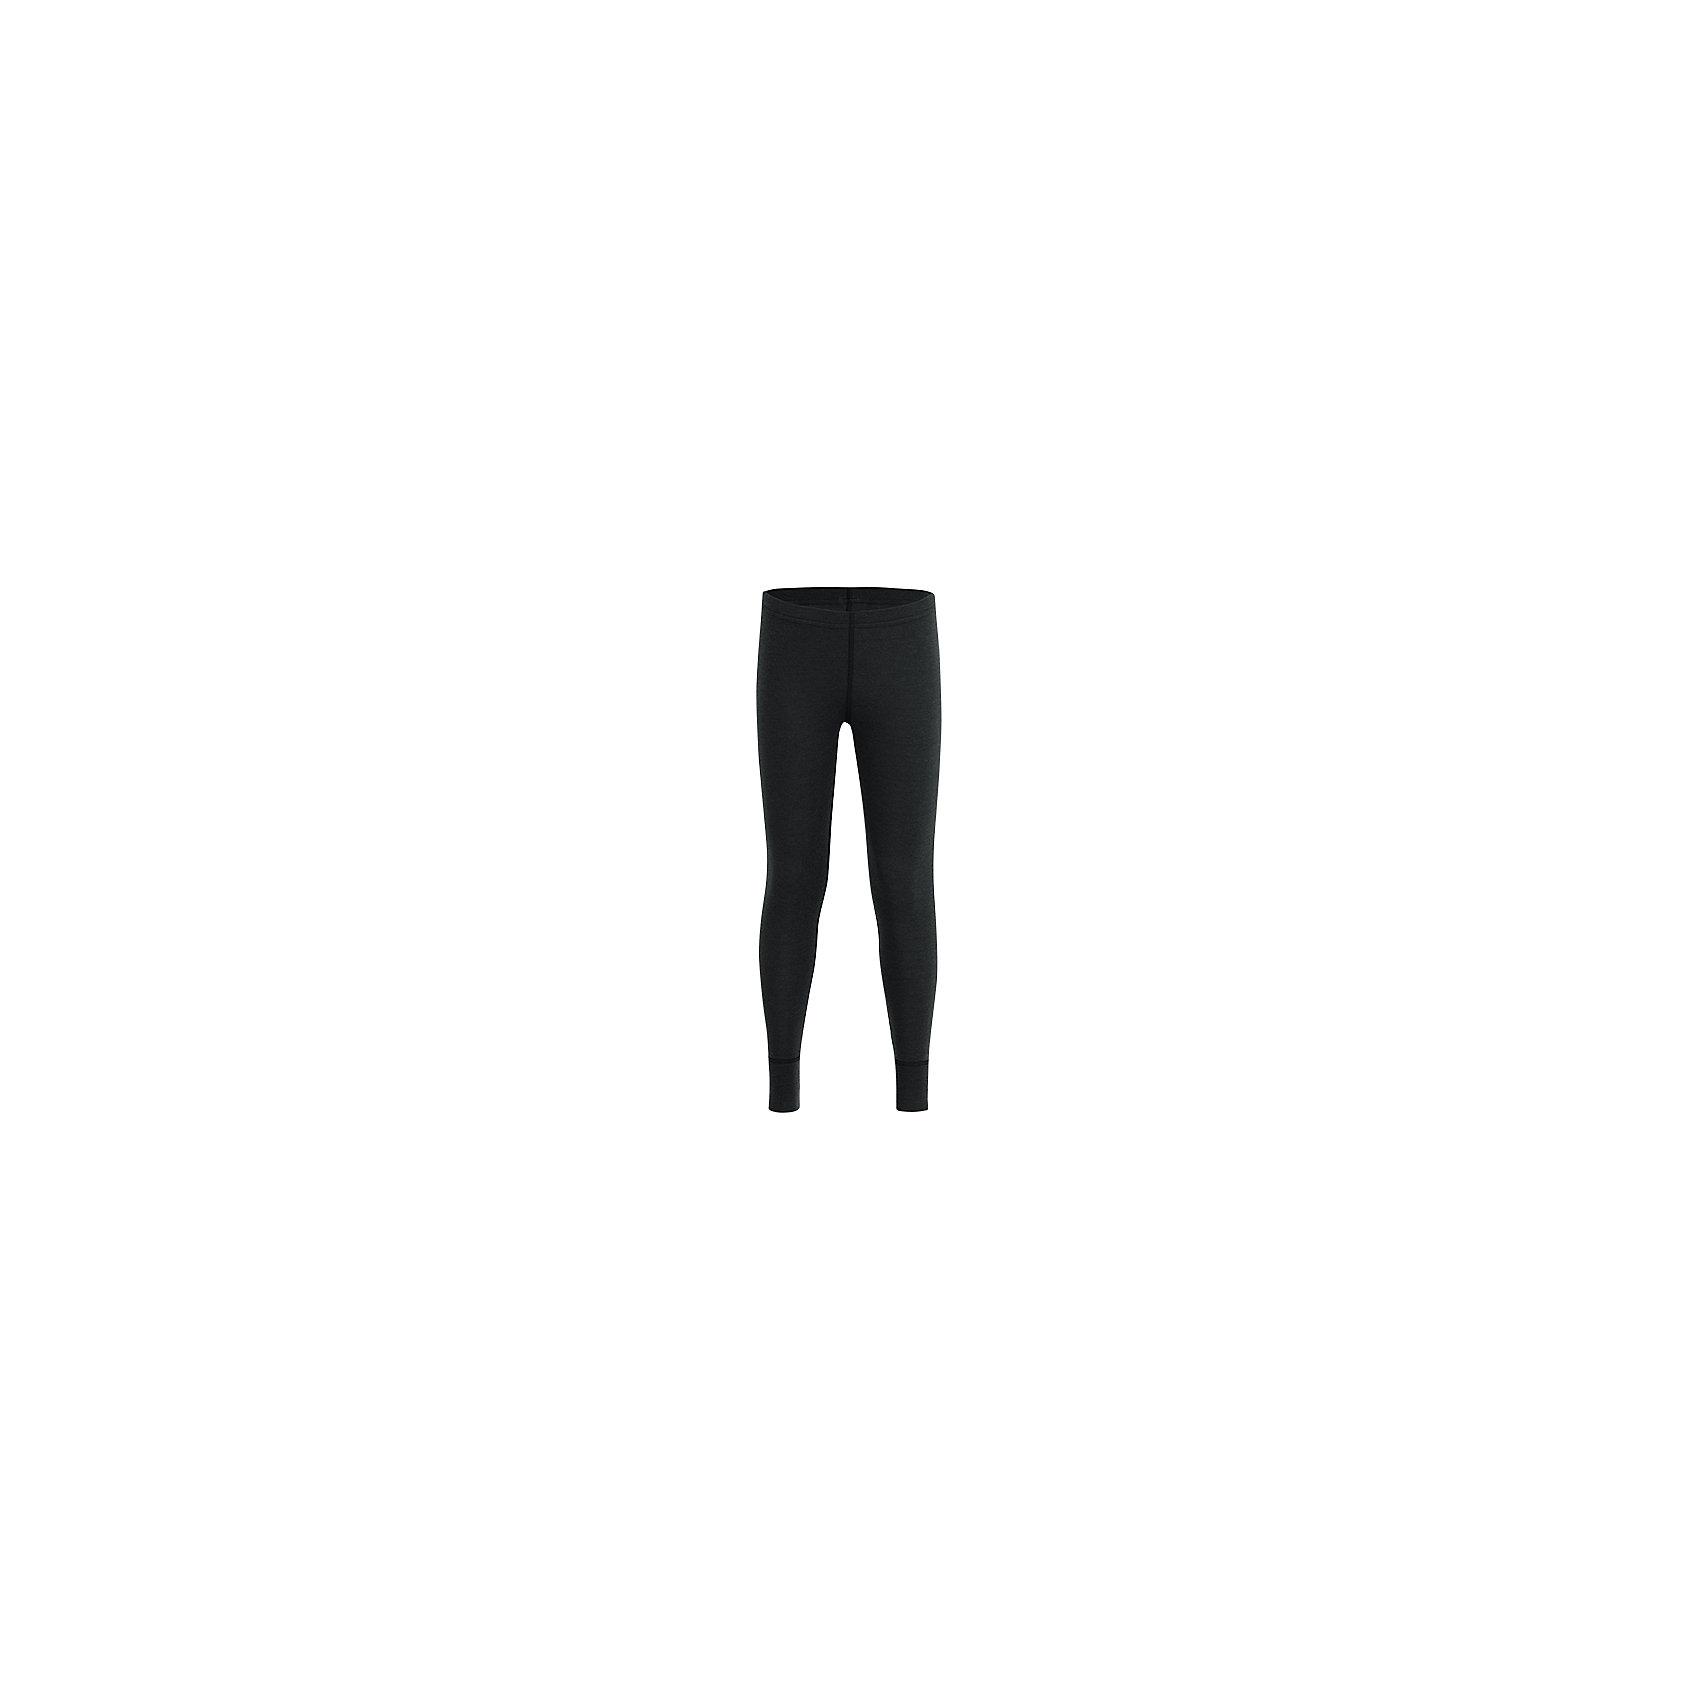 Леггинсы Lamba villoФлис и термобелье<br>Характеристики товара:<br><br>• цвет: черный;<br>• состав ткани: 100% шерсть мериноса;<br>• сезон: зима;<br>• температурный режим: от +10° С до -25° С;<br>• особенности модели: термобелье<br>• пояс: резинка<br>• страна изготовитель: Латвия.<br><br>Термобелье Lamba villo - это удобная одежда, которая обеспечит комфортную терморегуляцию тела и на улице, и в помещении. <br><br>Леггинсы выполнены из шерсти мериноса (австралийской тонкорунной овцы), которая обладает гипоаллергенными свойствами, поэтому не вызывает раздражения, даже если надета на голое тело.<br><br>Леггинсы Lamba villo можно купить в нашем магазине.<br><br>Ширина мм: 215<br>Глубина мм: 88<br>Высота мм: 191<br>Вес г: 336<br>Цвет: черный<br>Возраст от месяцев: 72<br>Возраст до месяцев: 84<br>Пол: Унисекс<br>Возраст: Детский<br>Размер: 116/122,128/134,80/86,92/98,104/110<br>SKU: 7031715